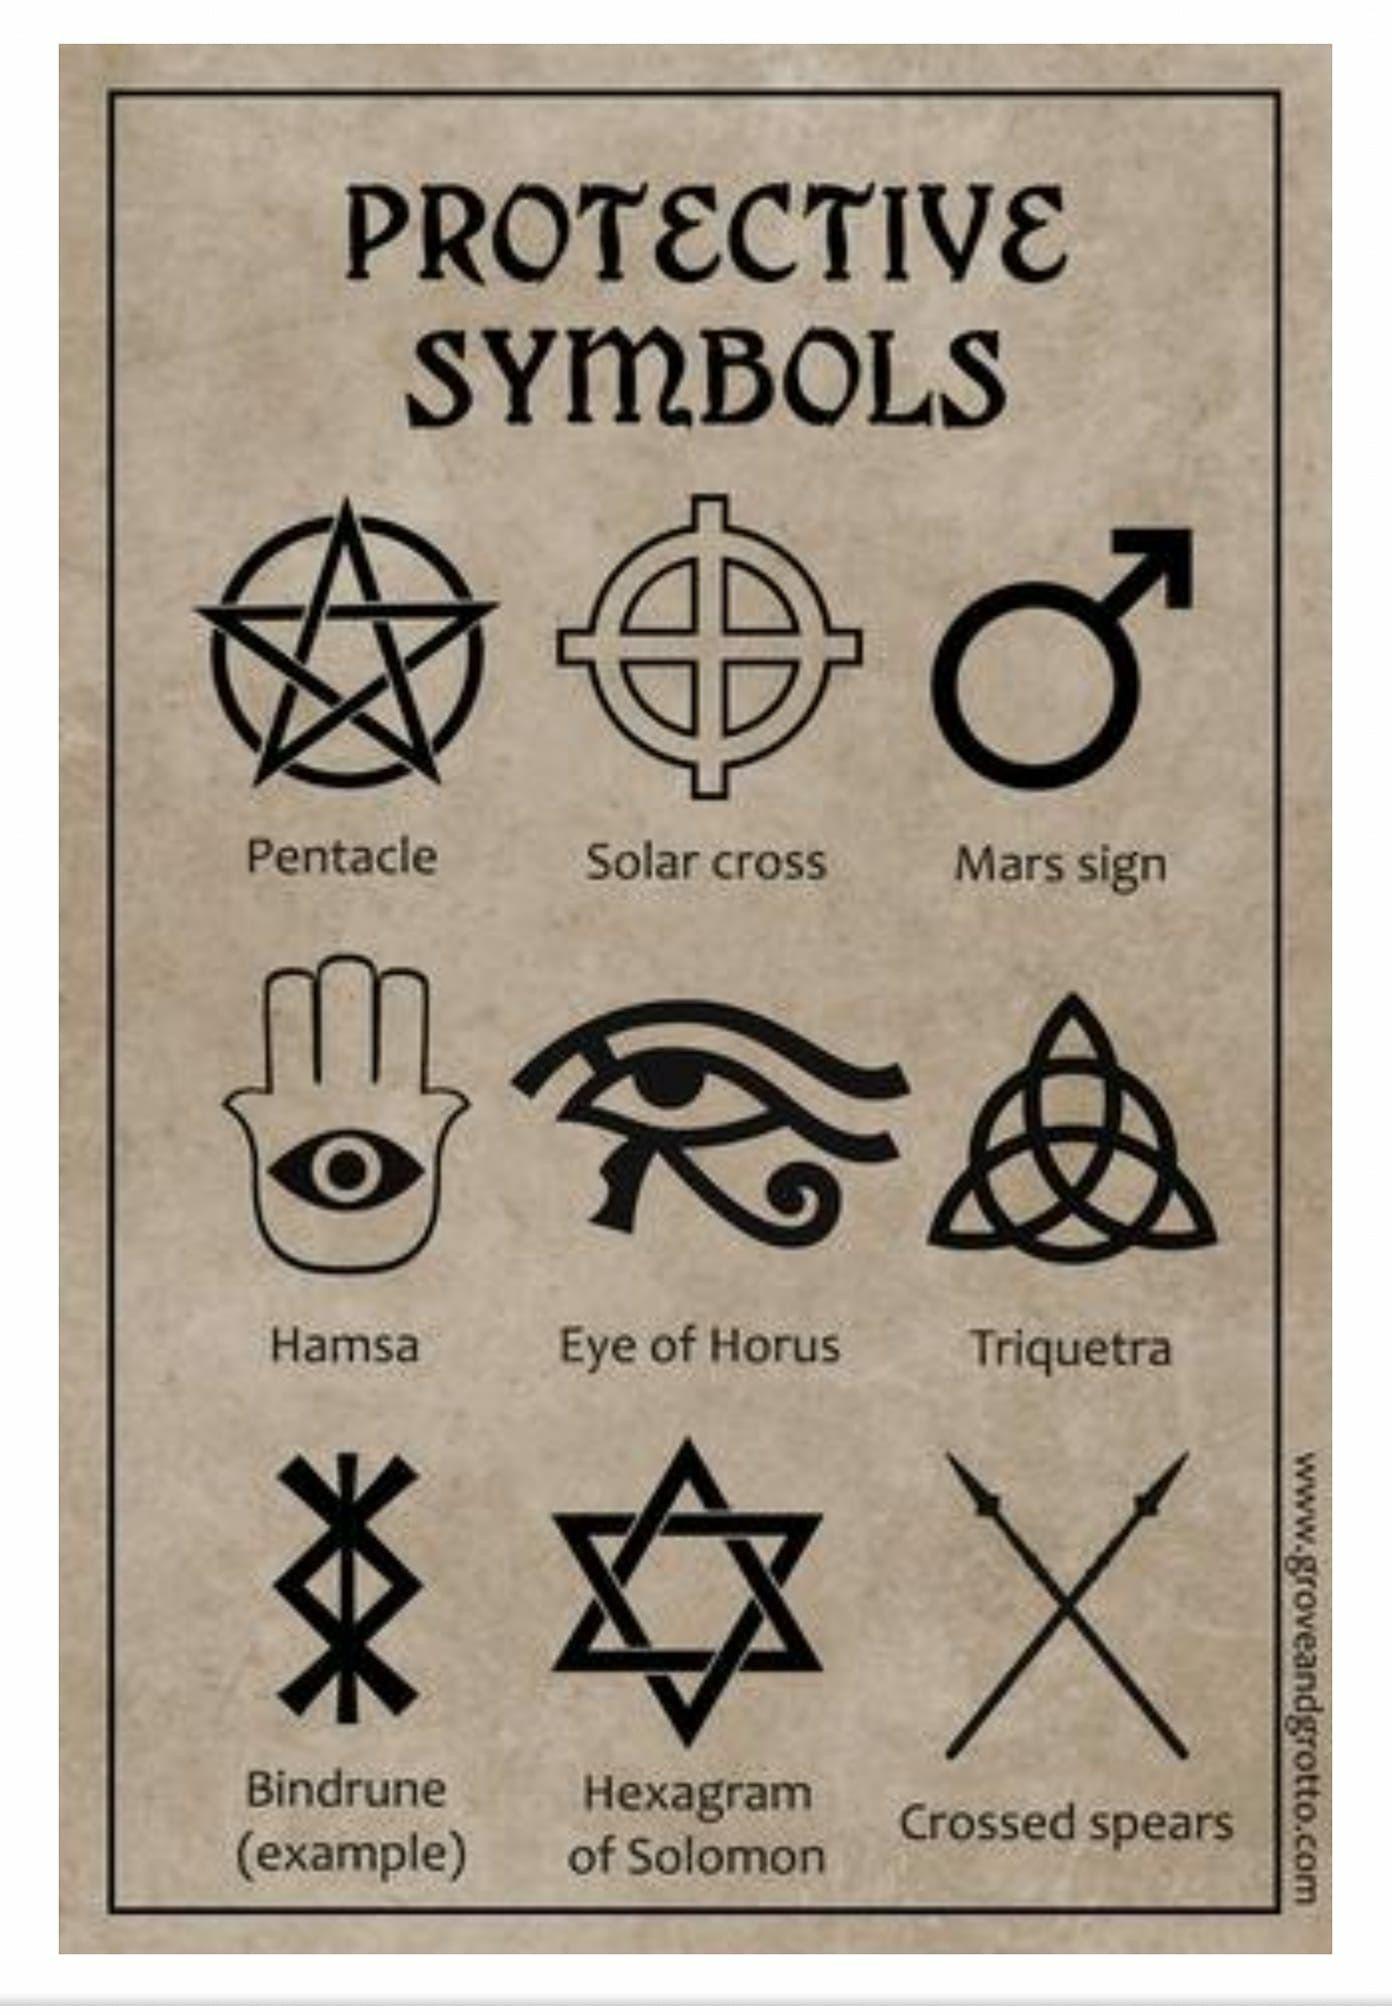 Pin De Alicia Harger Em My Witchy Path Ii Simbolos Antigos Tatuagem Paga Simbolo De Protecao